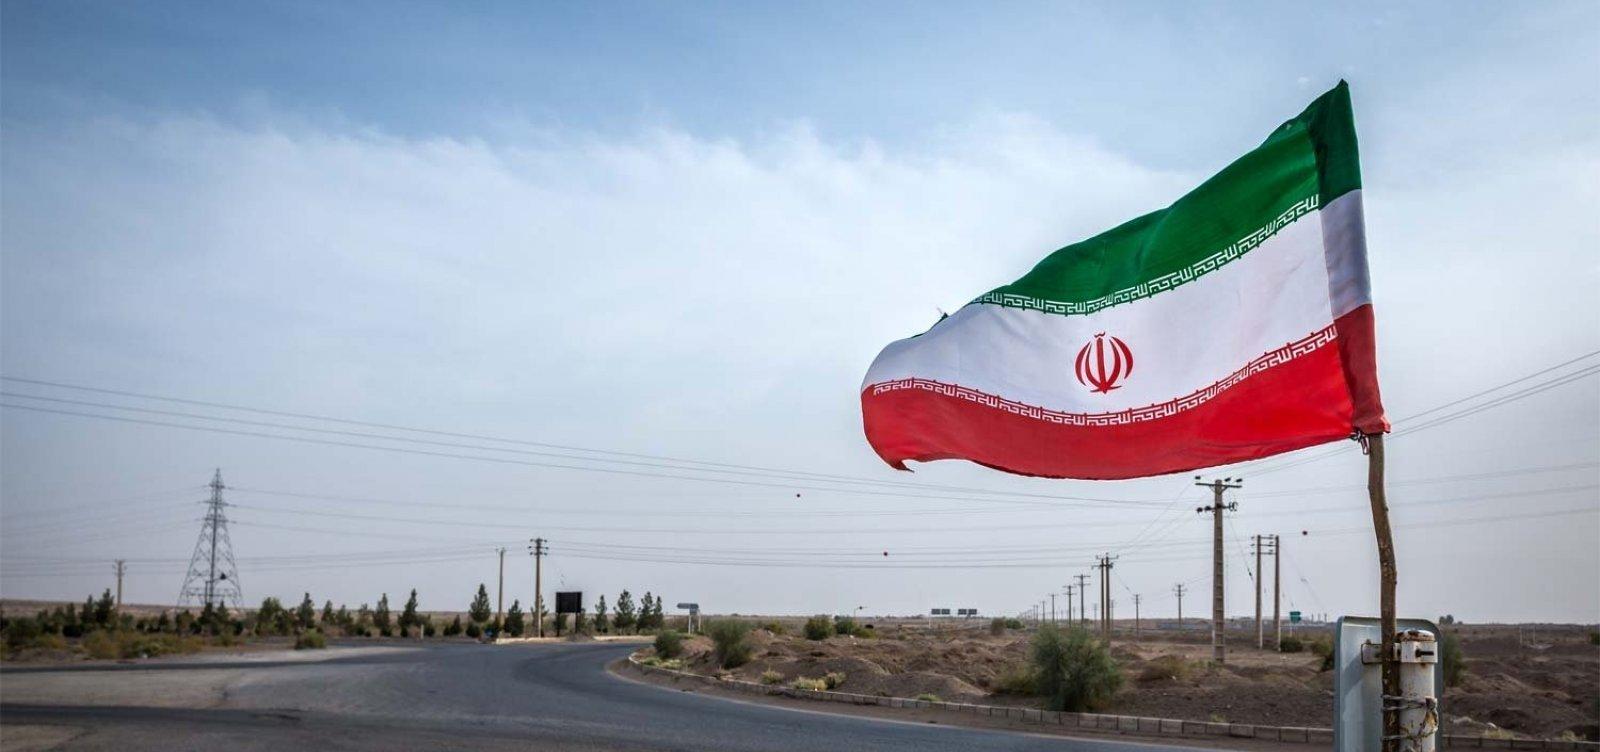 [Após convocação, Brasil diz ao Irã que nota do Itamaraty não é direcionada ao país]